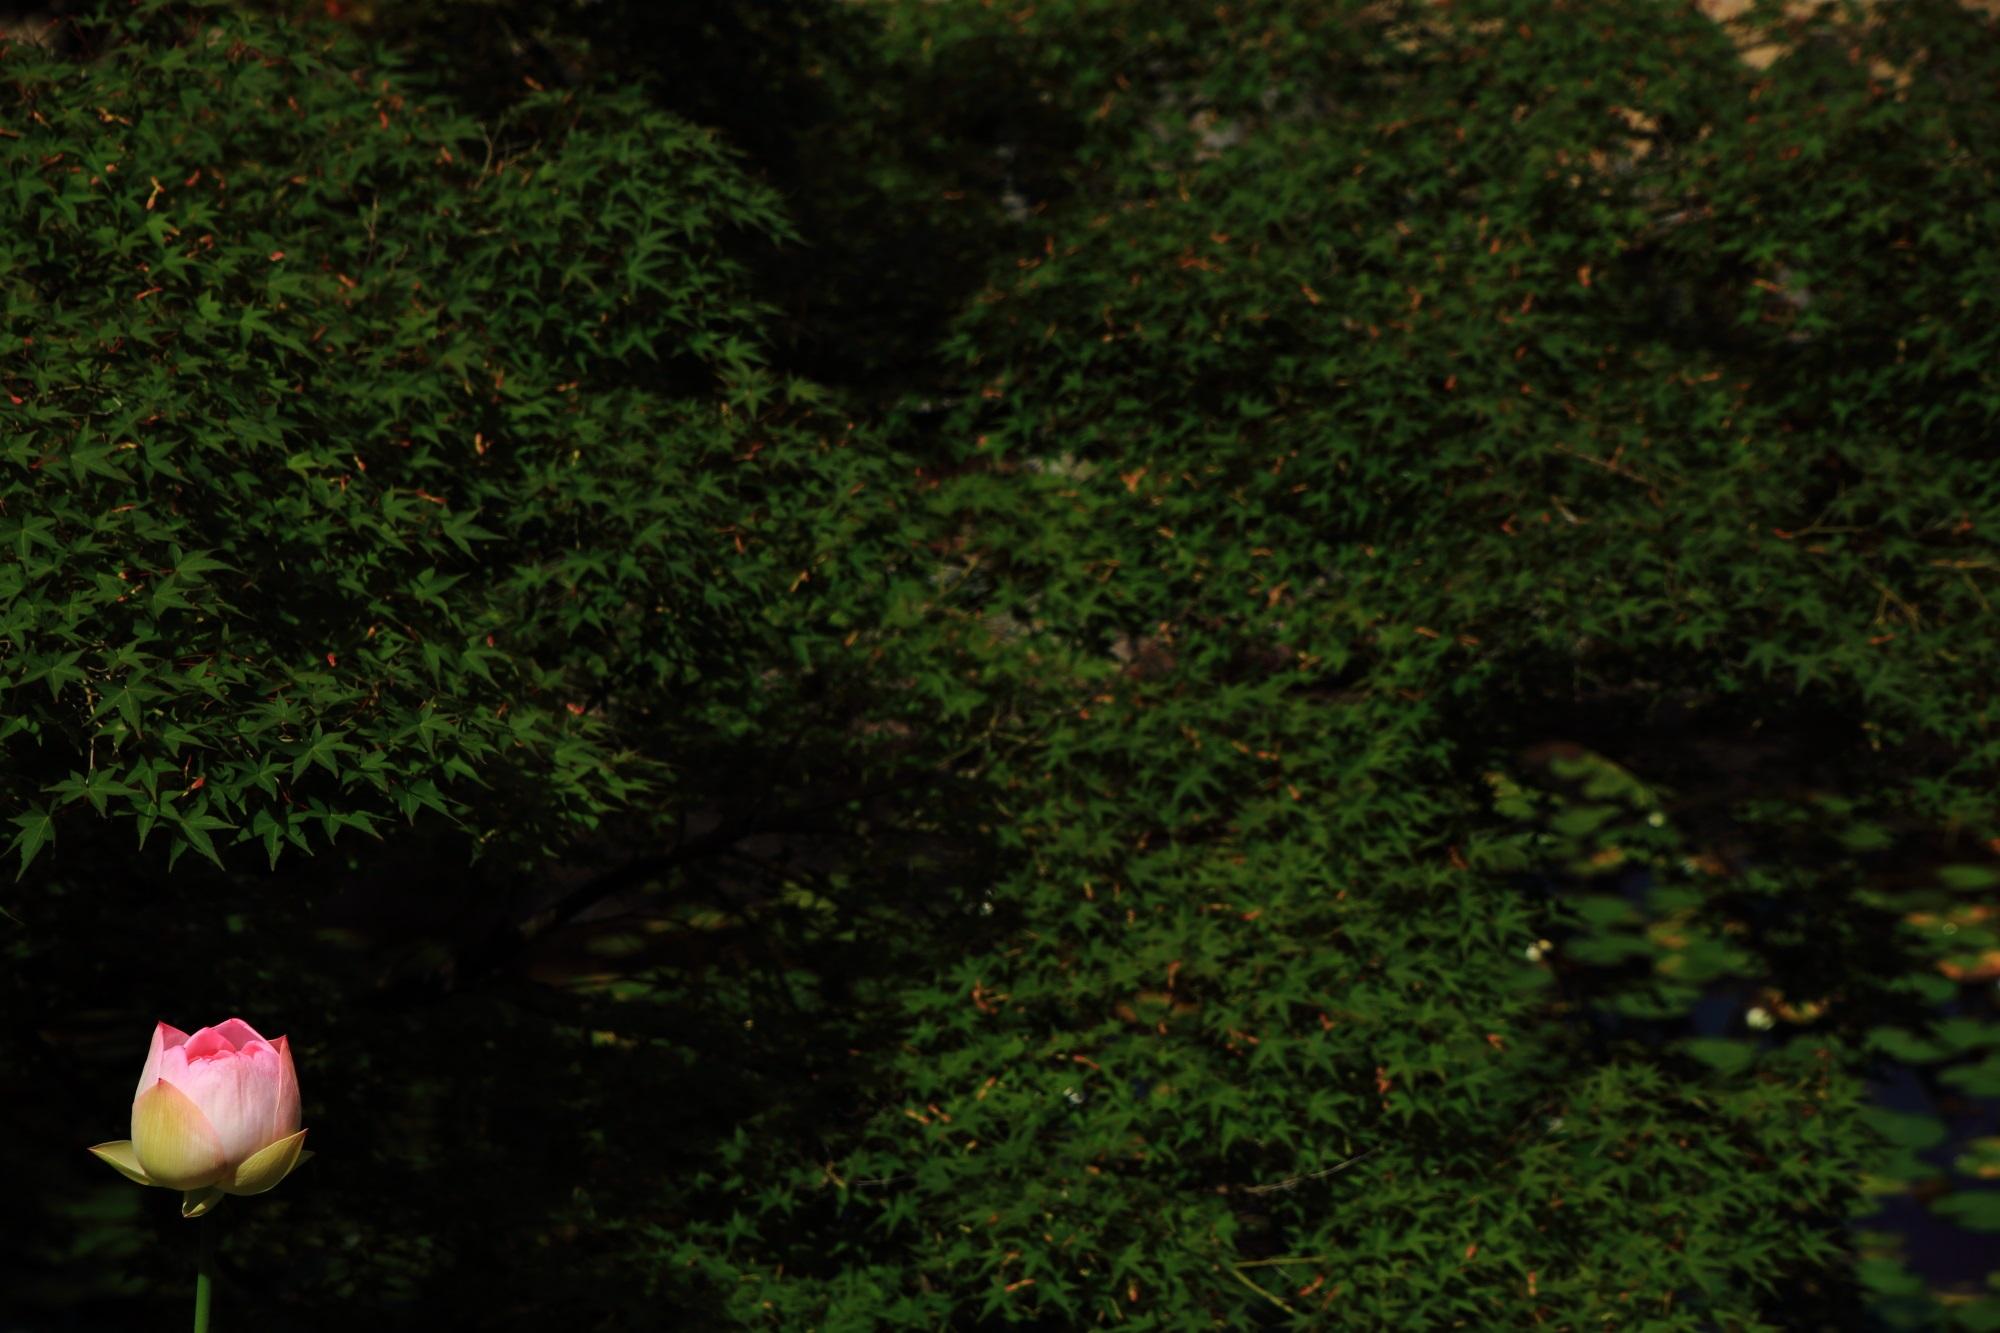 緑の波の中で咲いているような萬福寺のピンクの蓮の花